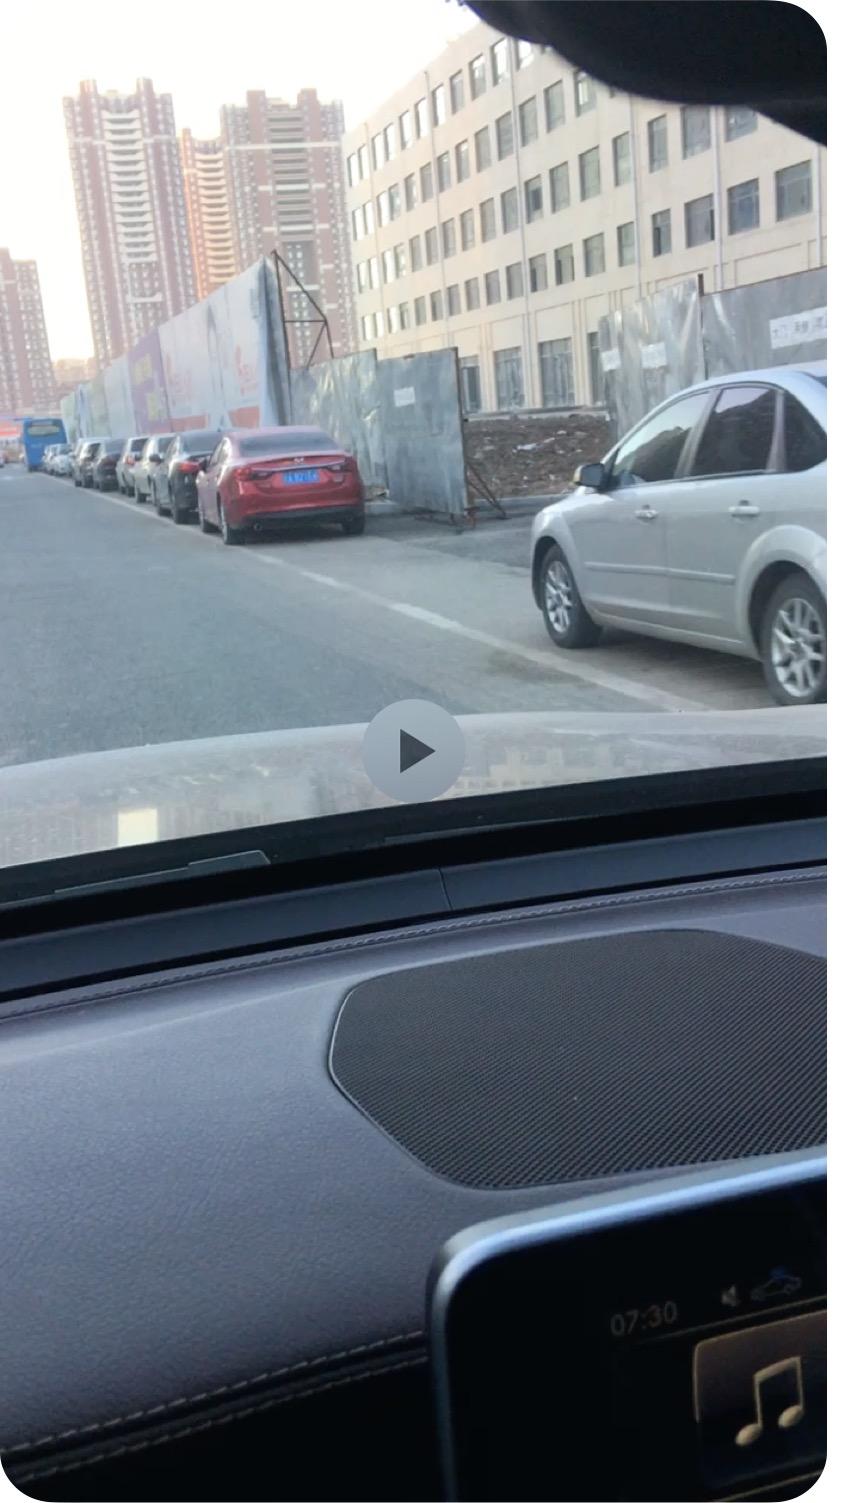 奔驰-奔驰GLC 新车两个月开始刹车异响,一年半的时候油表失灵,行驶距离紊乱